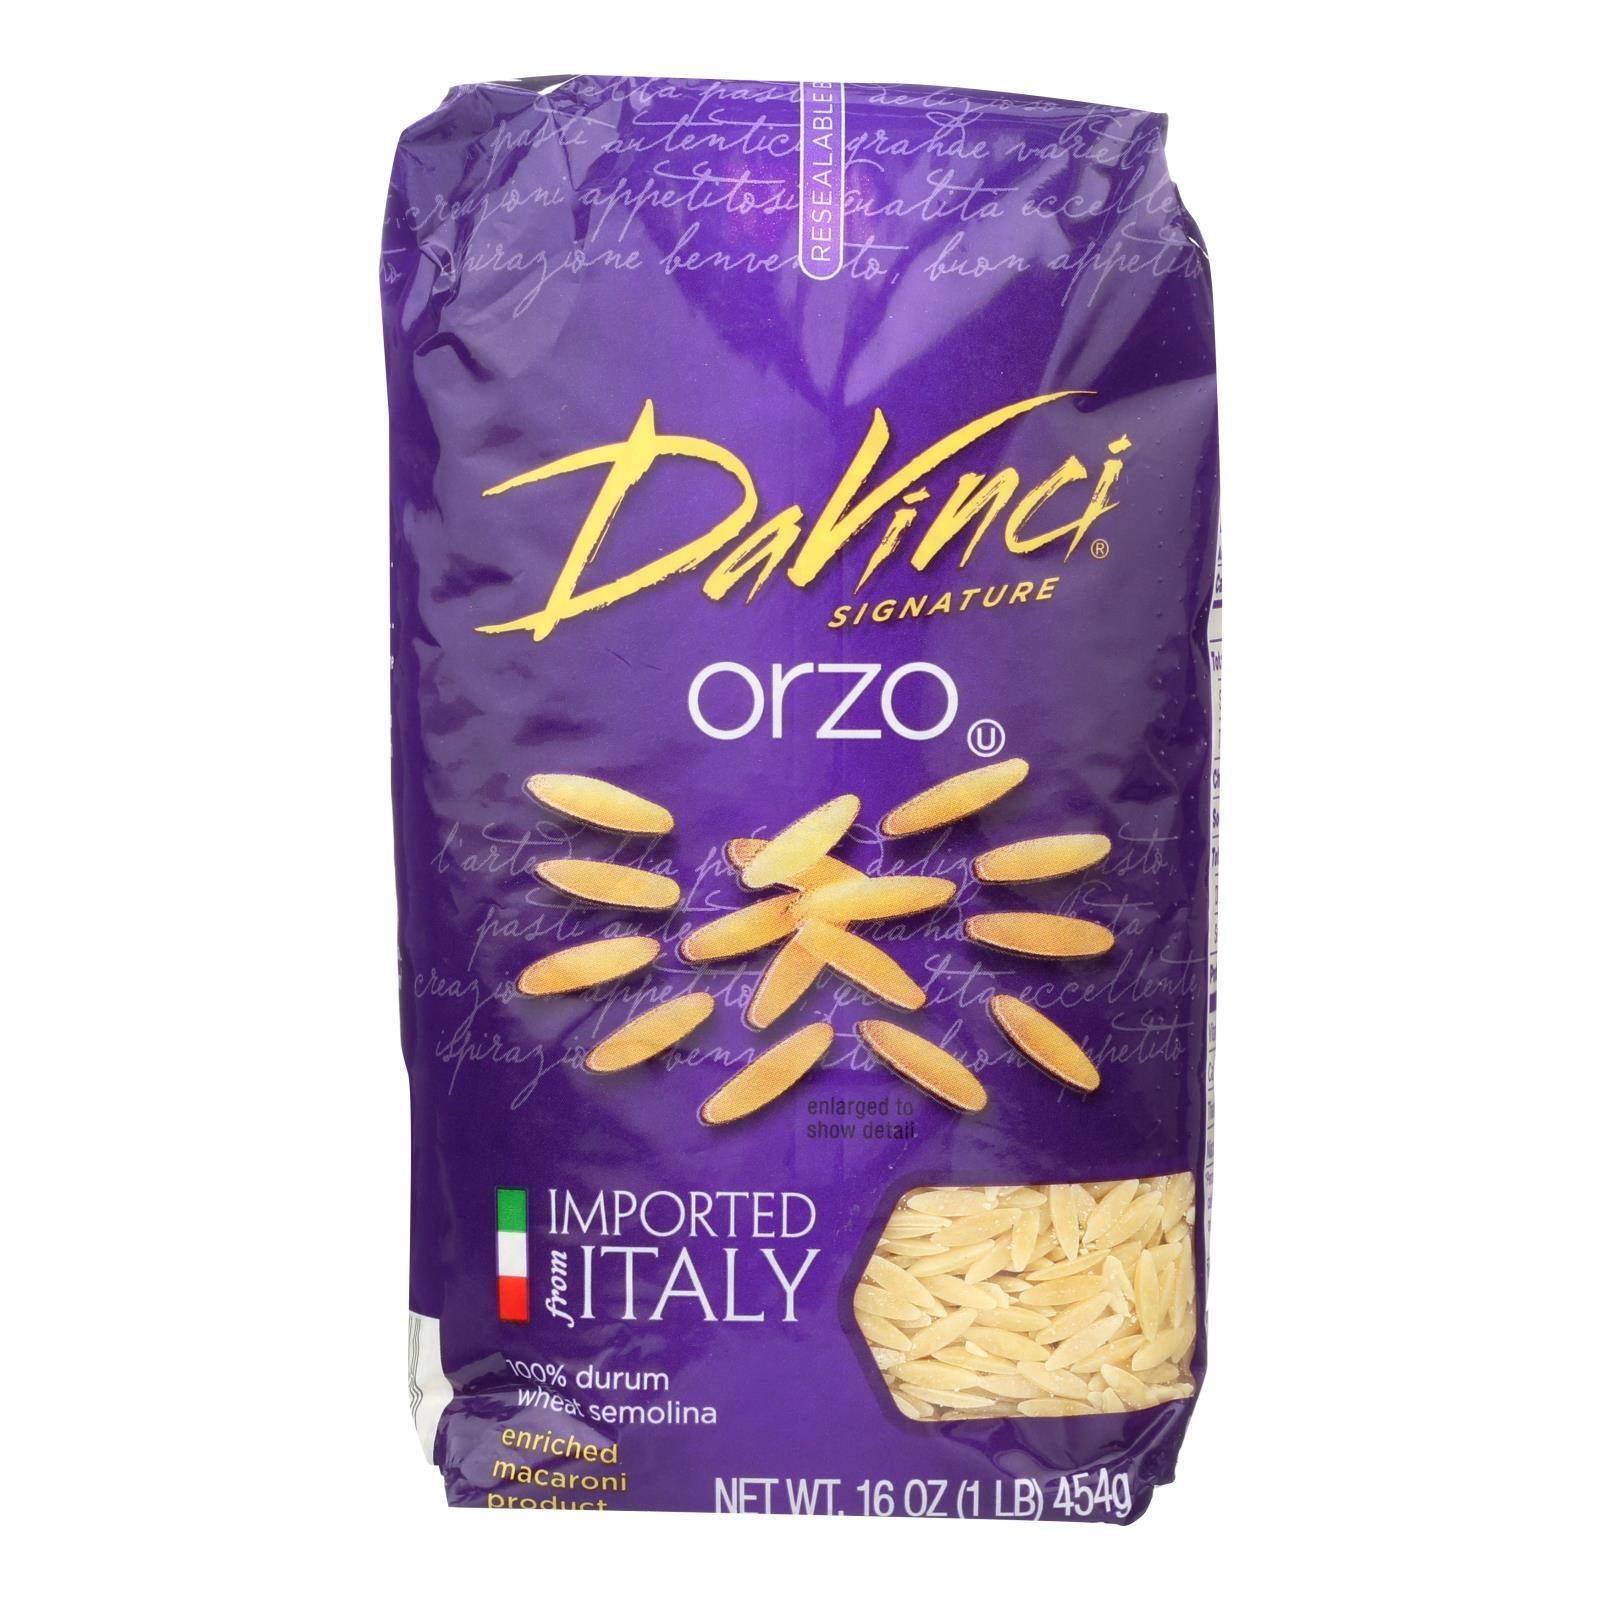 DaVinci Orzo Pasta - Case of 12 - 1 lb.